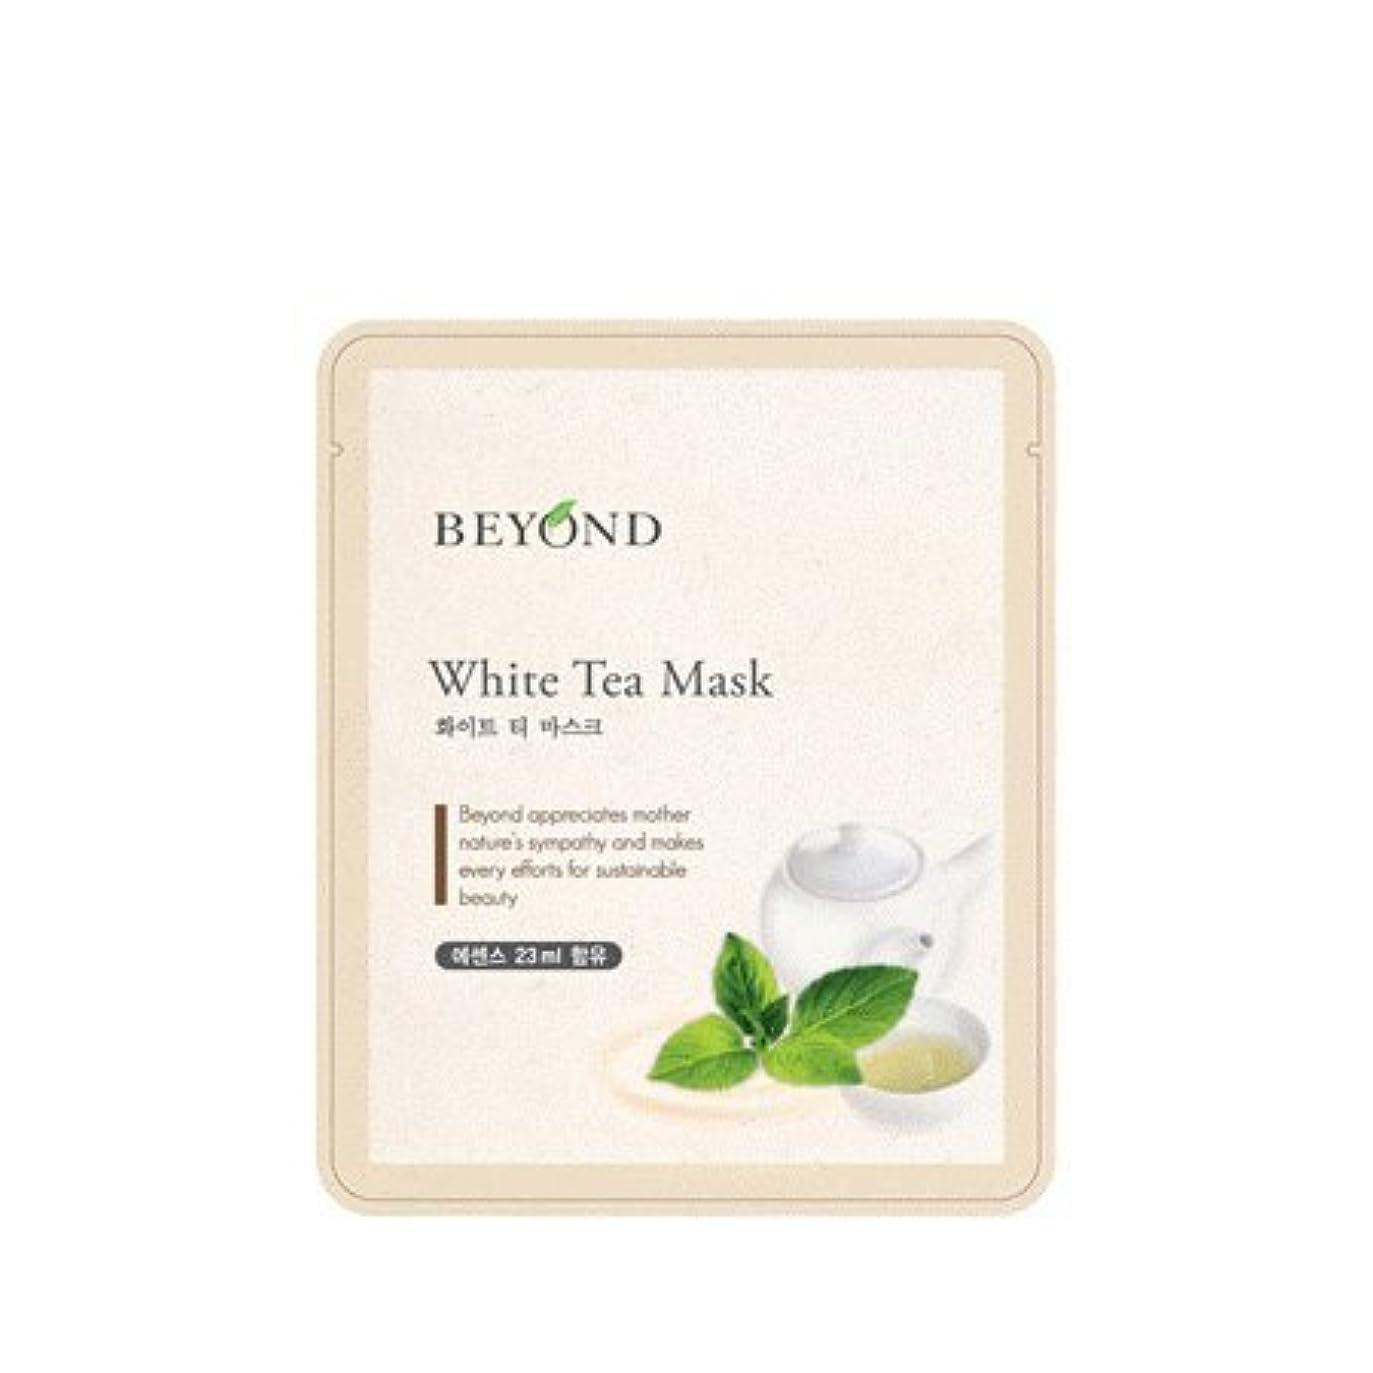 弾薬カウンタカスタムBeyond mask sheet 5ea (White Tea Mask)